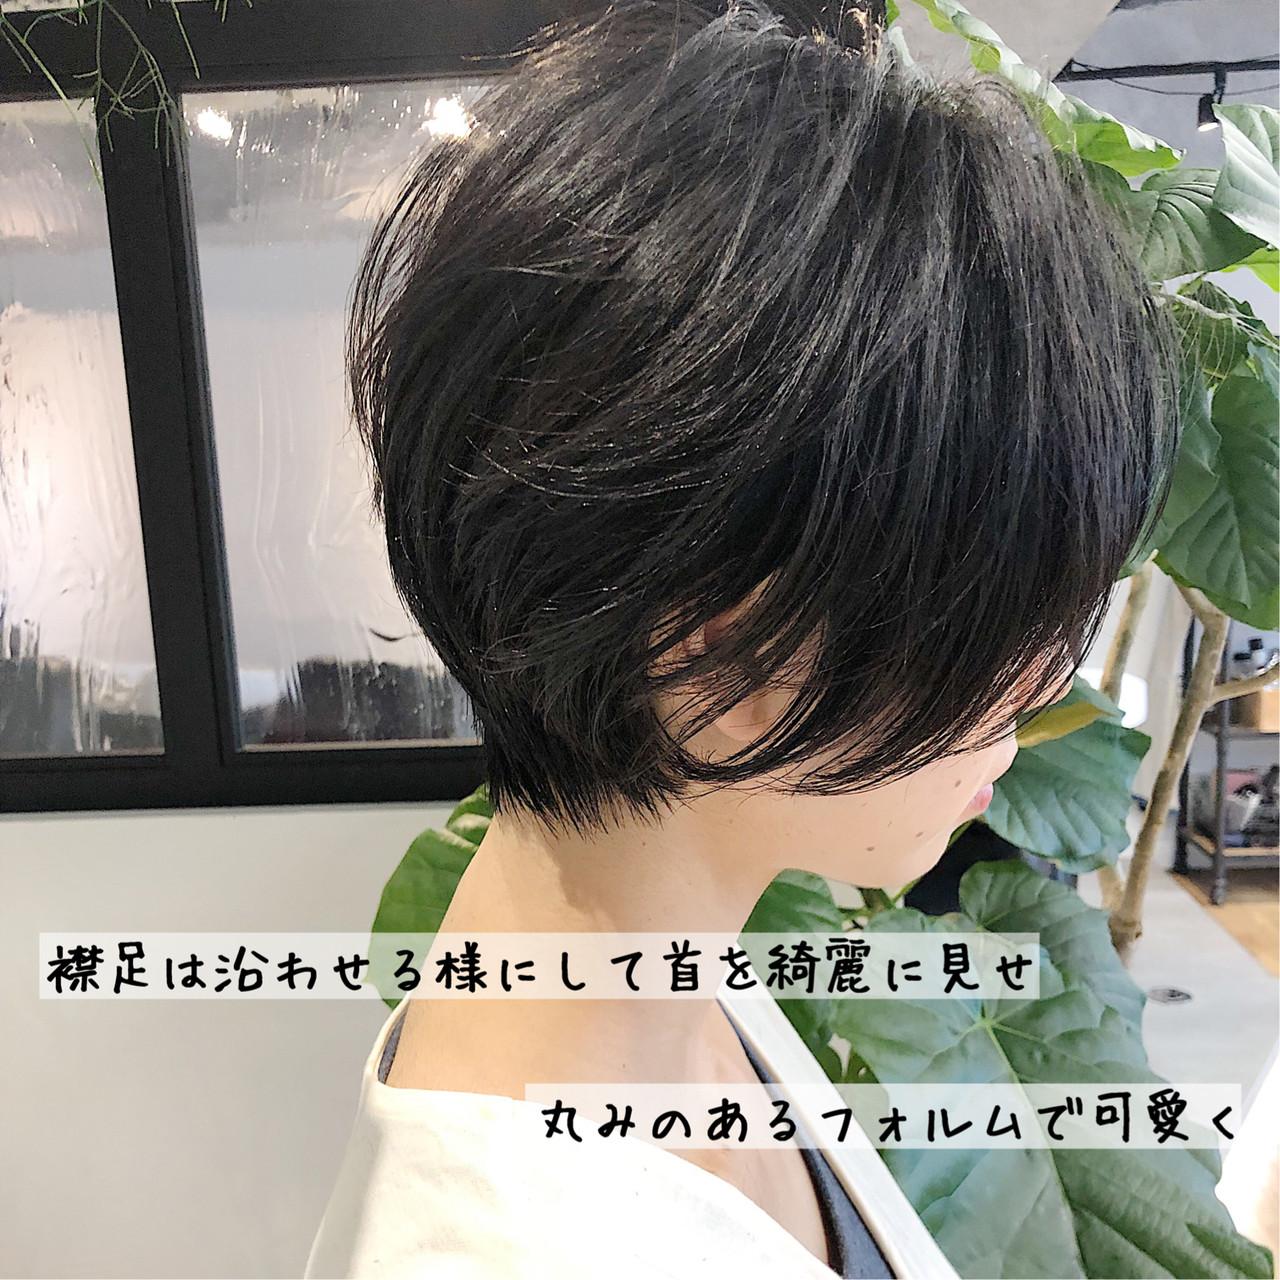 ナチュラル 大人かわいい 縮毛矯正 ストレート ヘアスタイルや髪型の写真・画像 | 本田 重人 / GRAFF hair